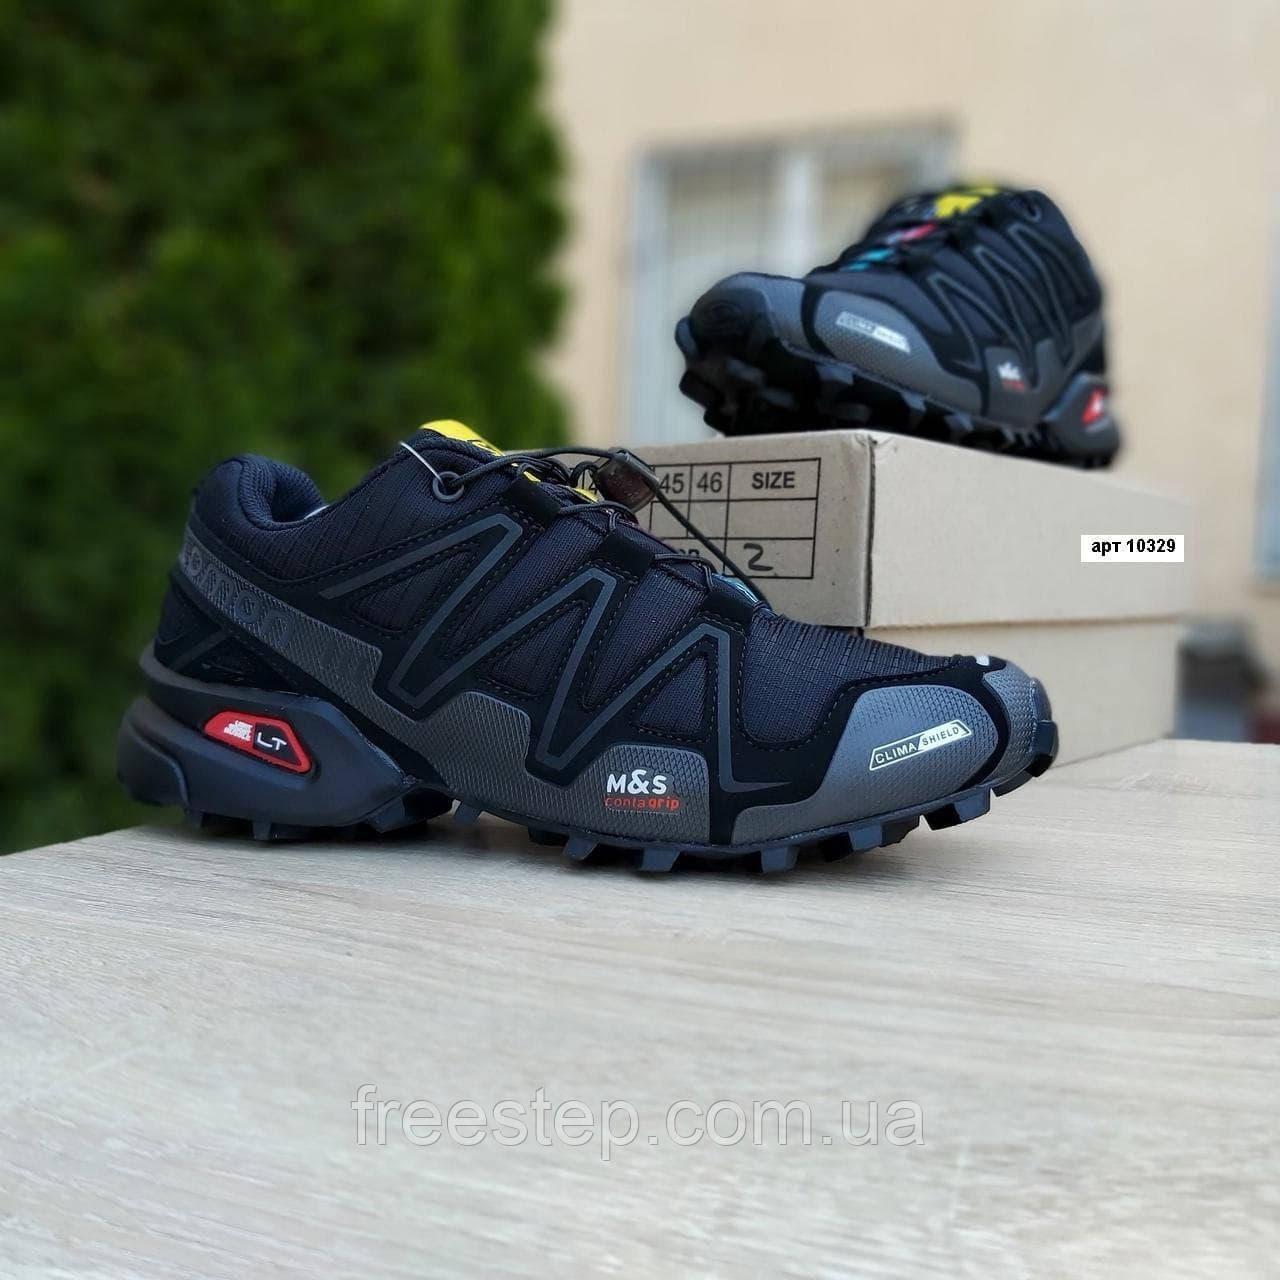 Чоловічі кросівки в стилі Salomon SpeedСross 3 чорні з сірою написом